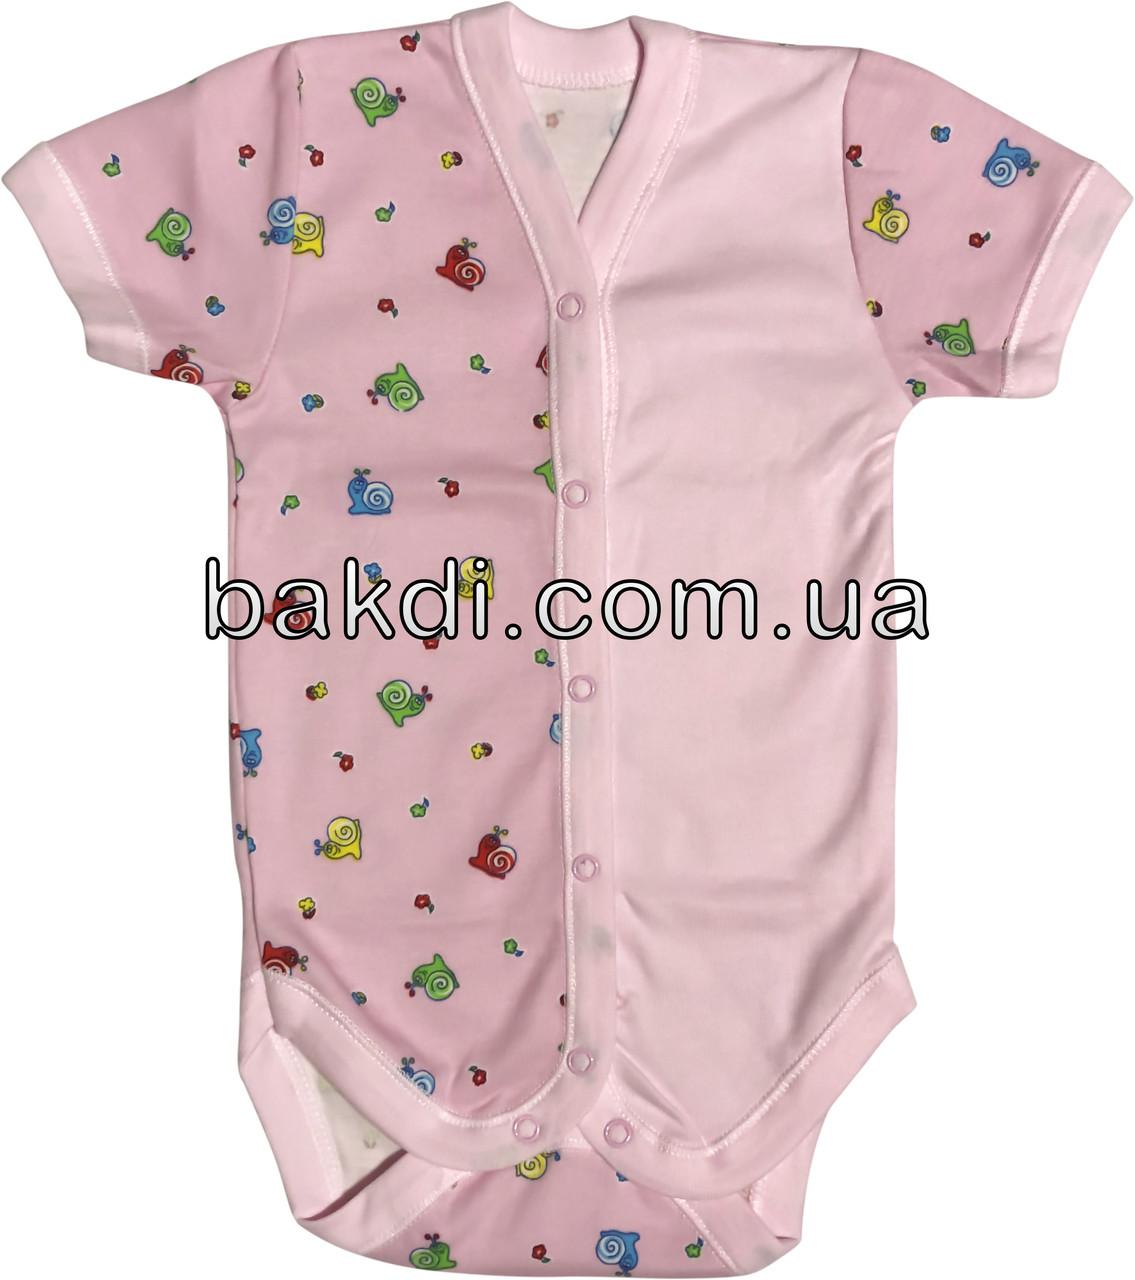 Дитяче літнє боді ріст 68 3-6 міс трикотажне інтерлок рожеве на дівчинку бодік з коротким рукавом для